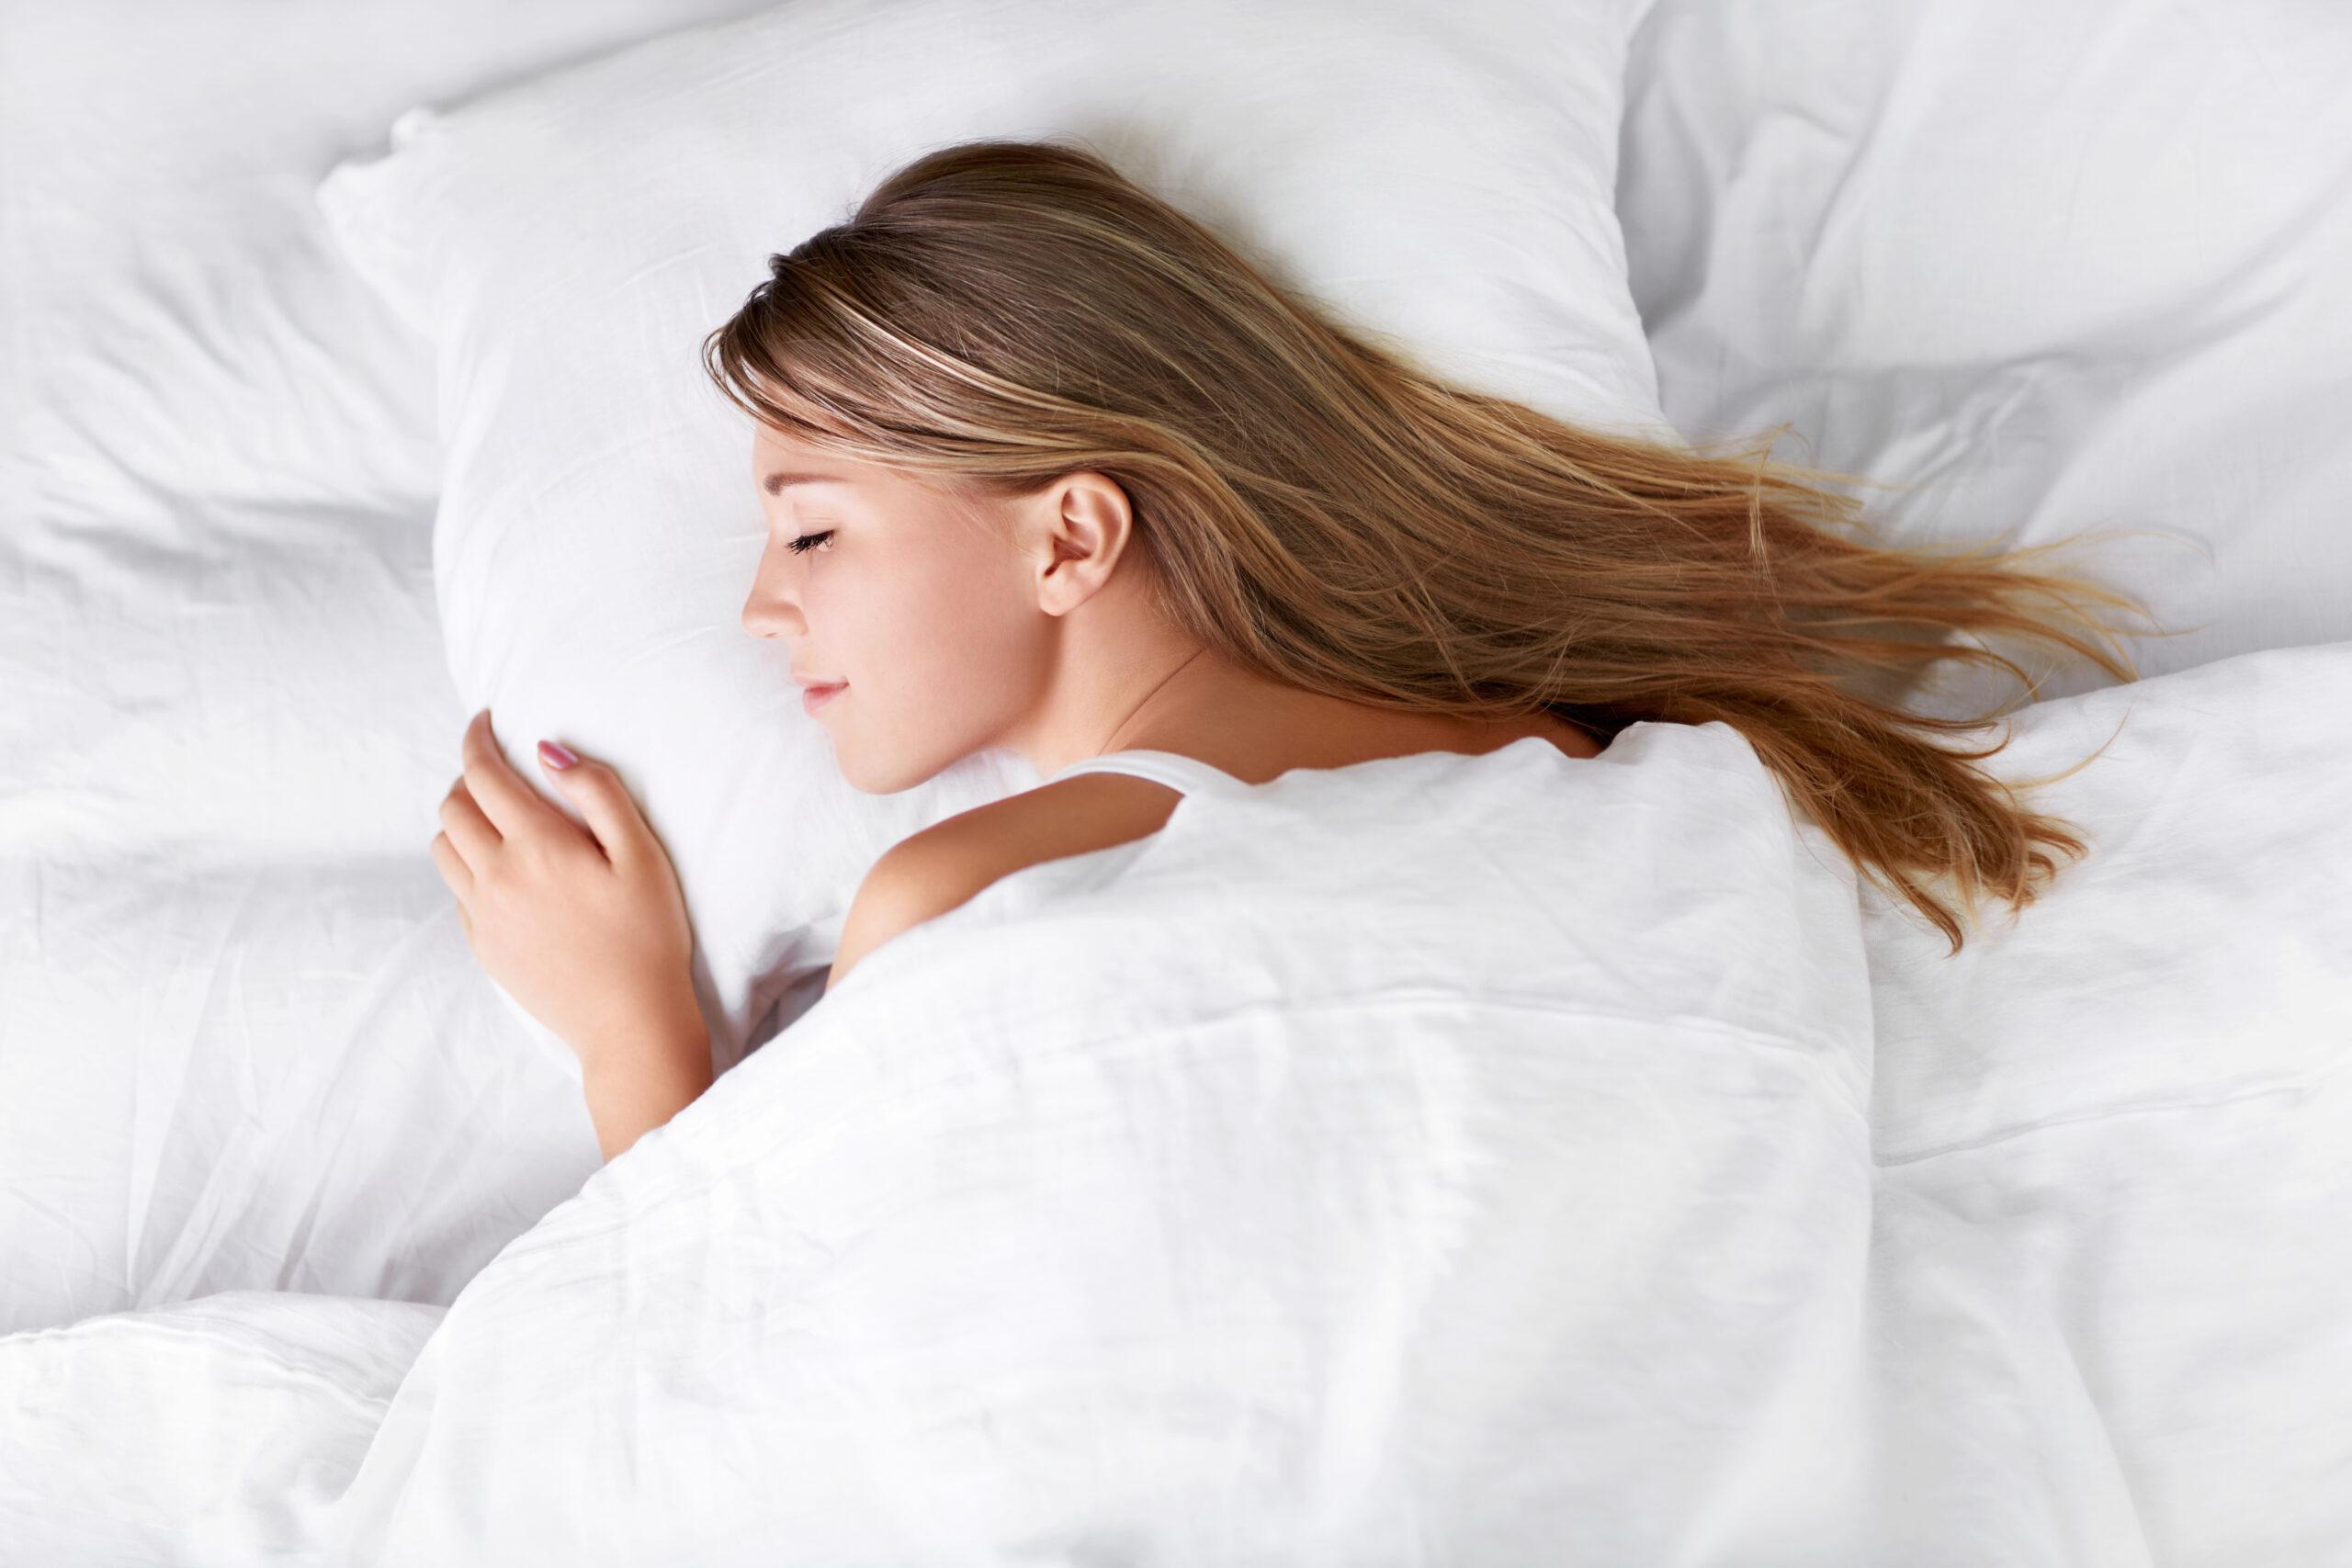 Slapen hypnagoge schok spiertrekkingen